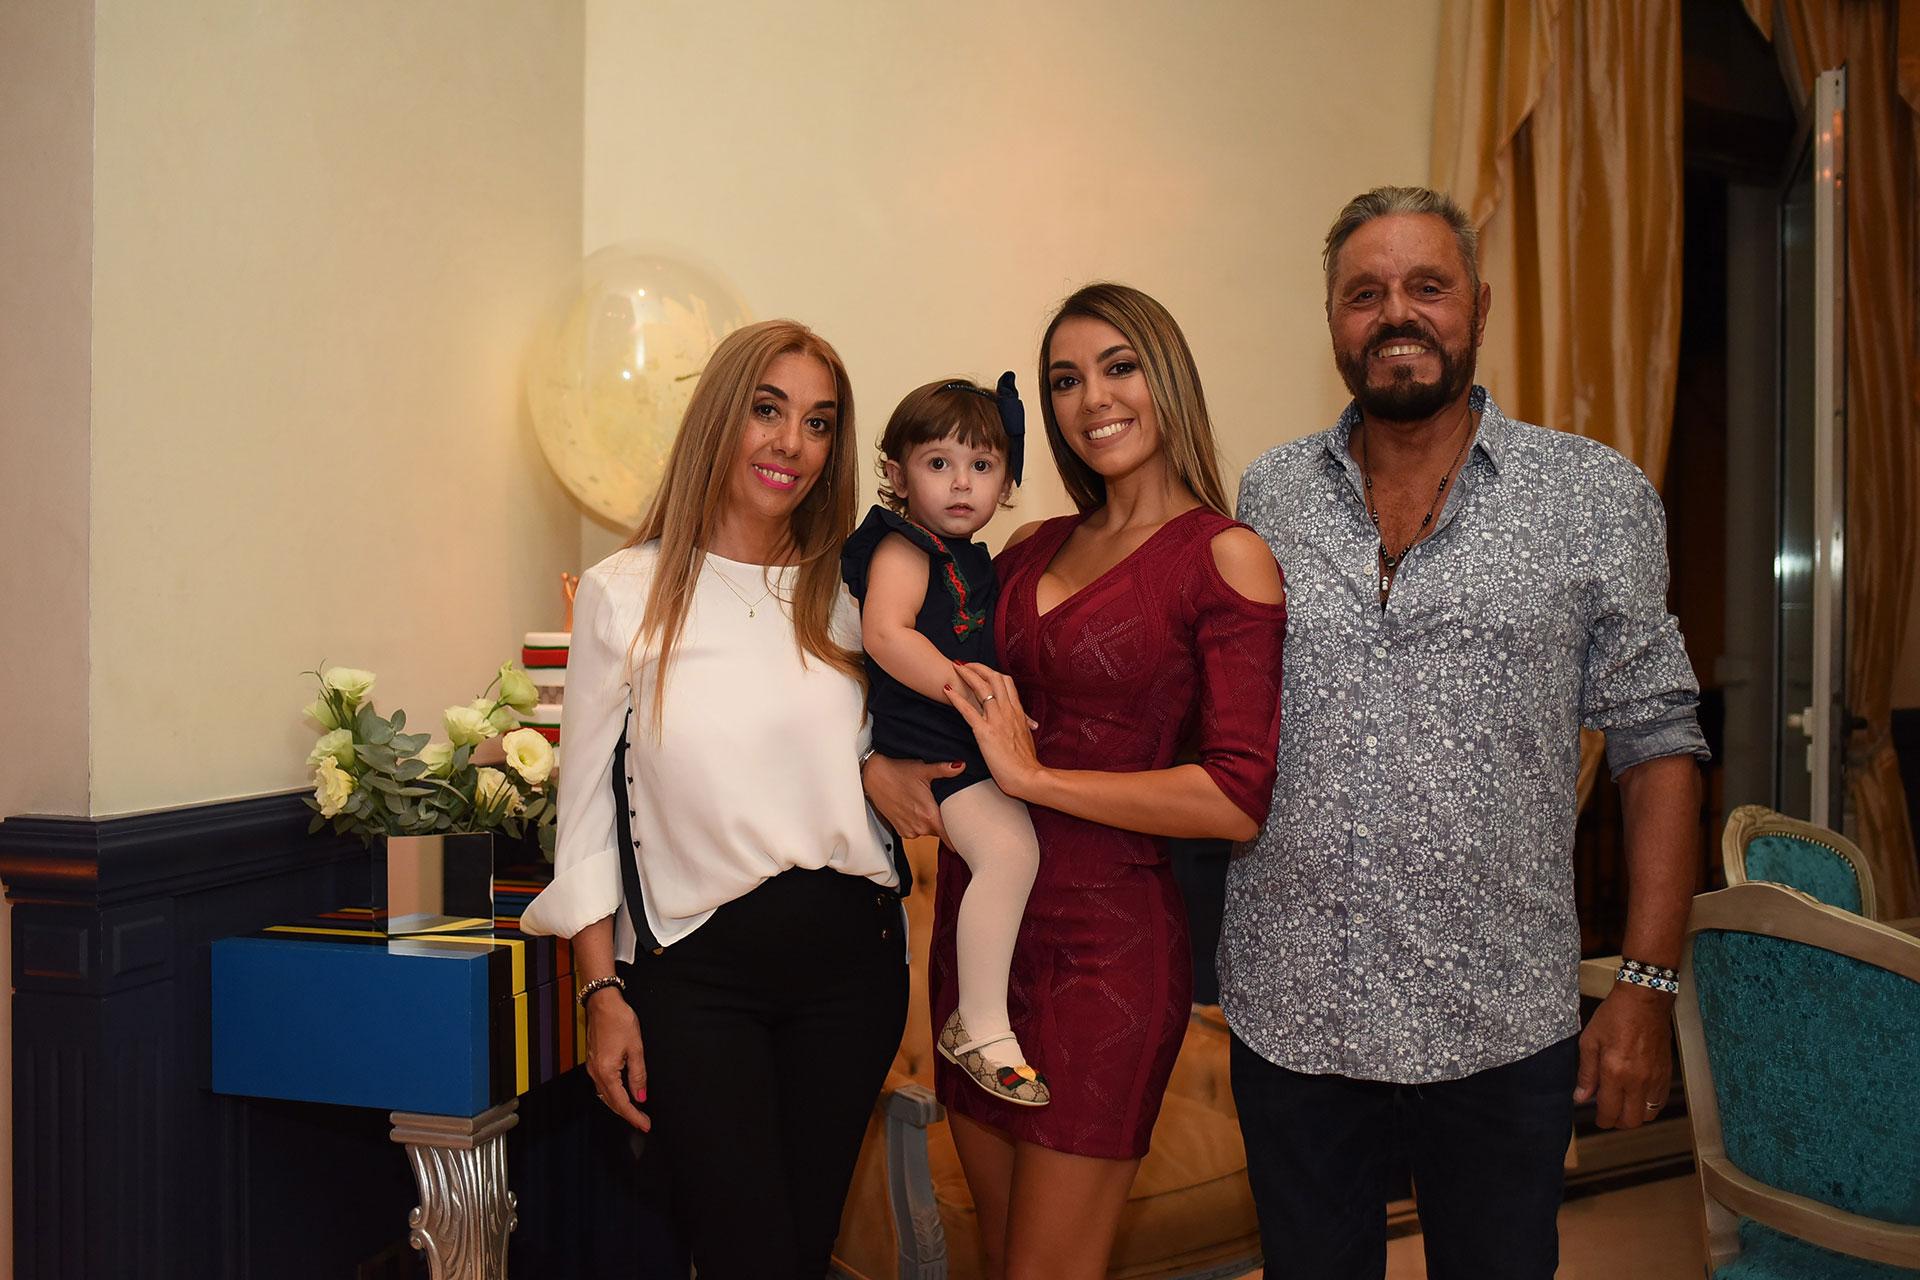 Floppy, Moorera y los padres de la modelo: Moni y Ricky.